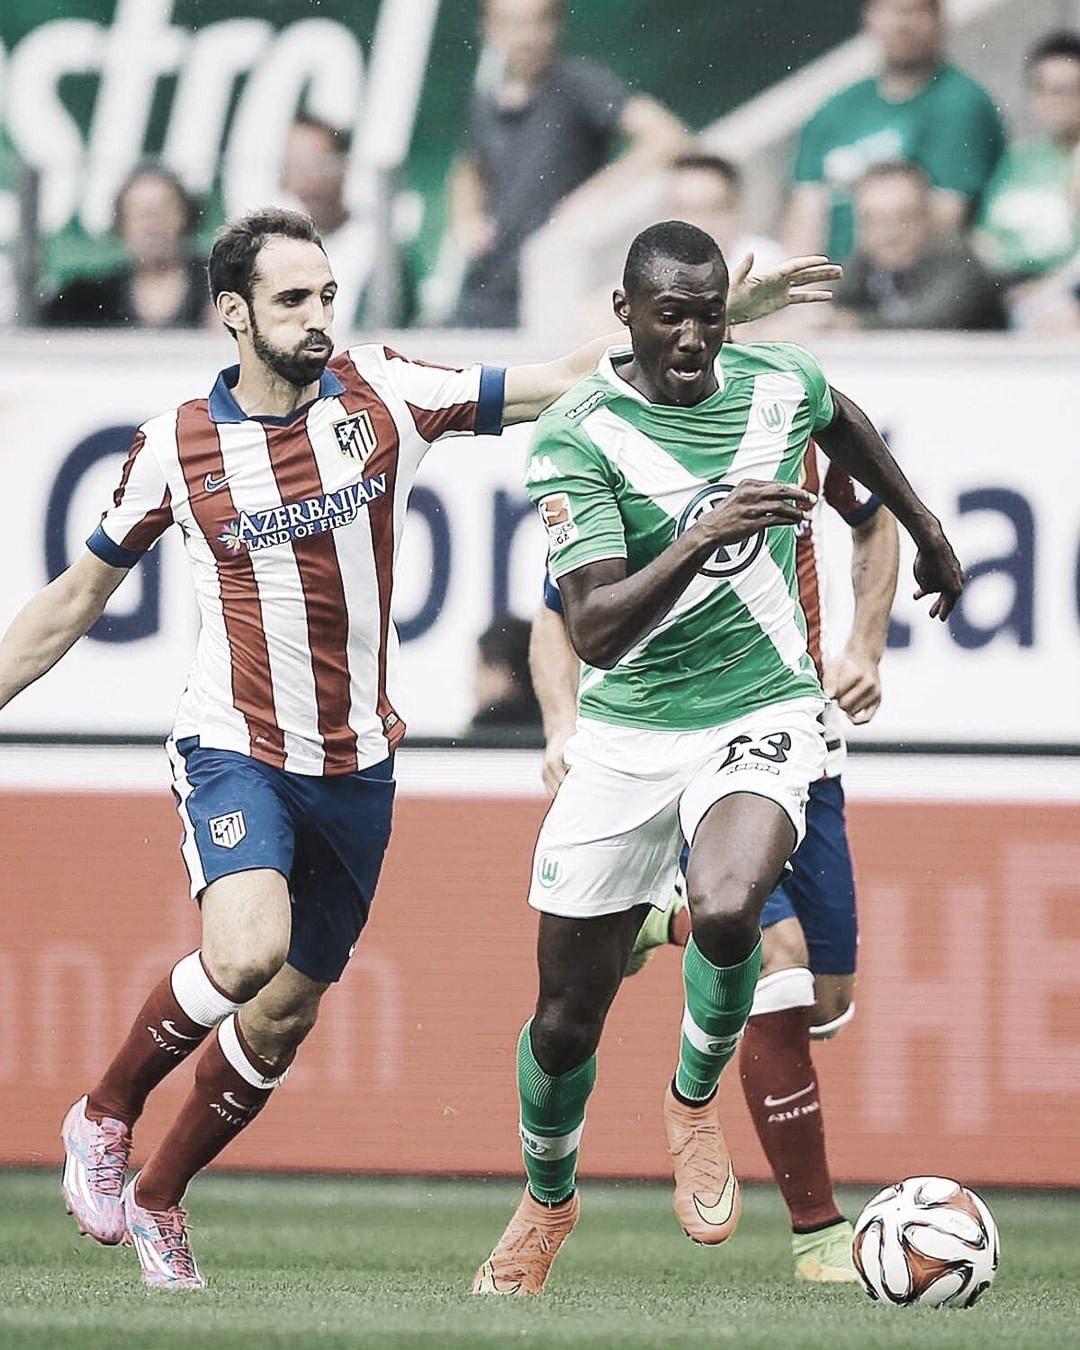 Resumen Wolfsburgo vs Atlético de Madrid en la pretemporada 2021 (1-2)